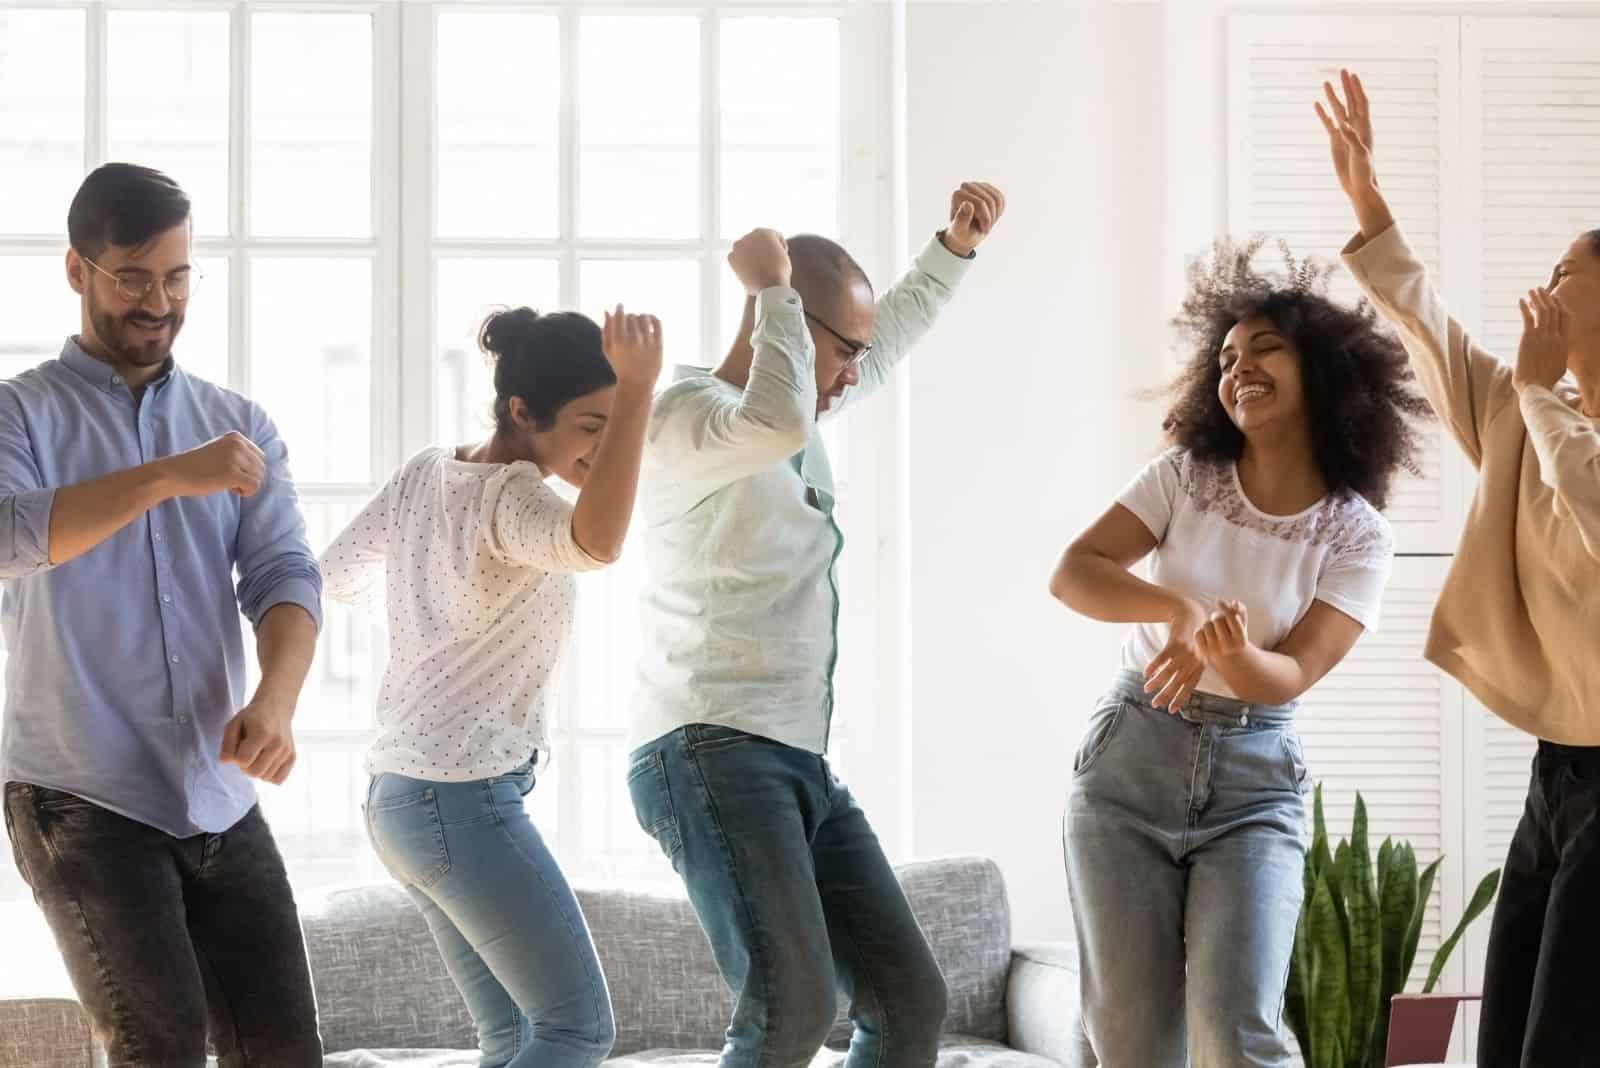 multinationale fröhliche Freunde tanzen und ähnliche Bewegungen drinnen machen